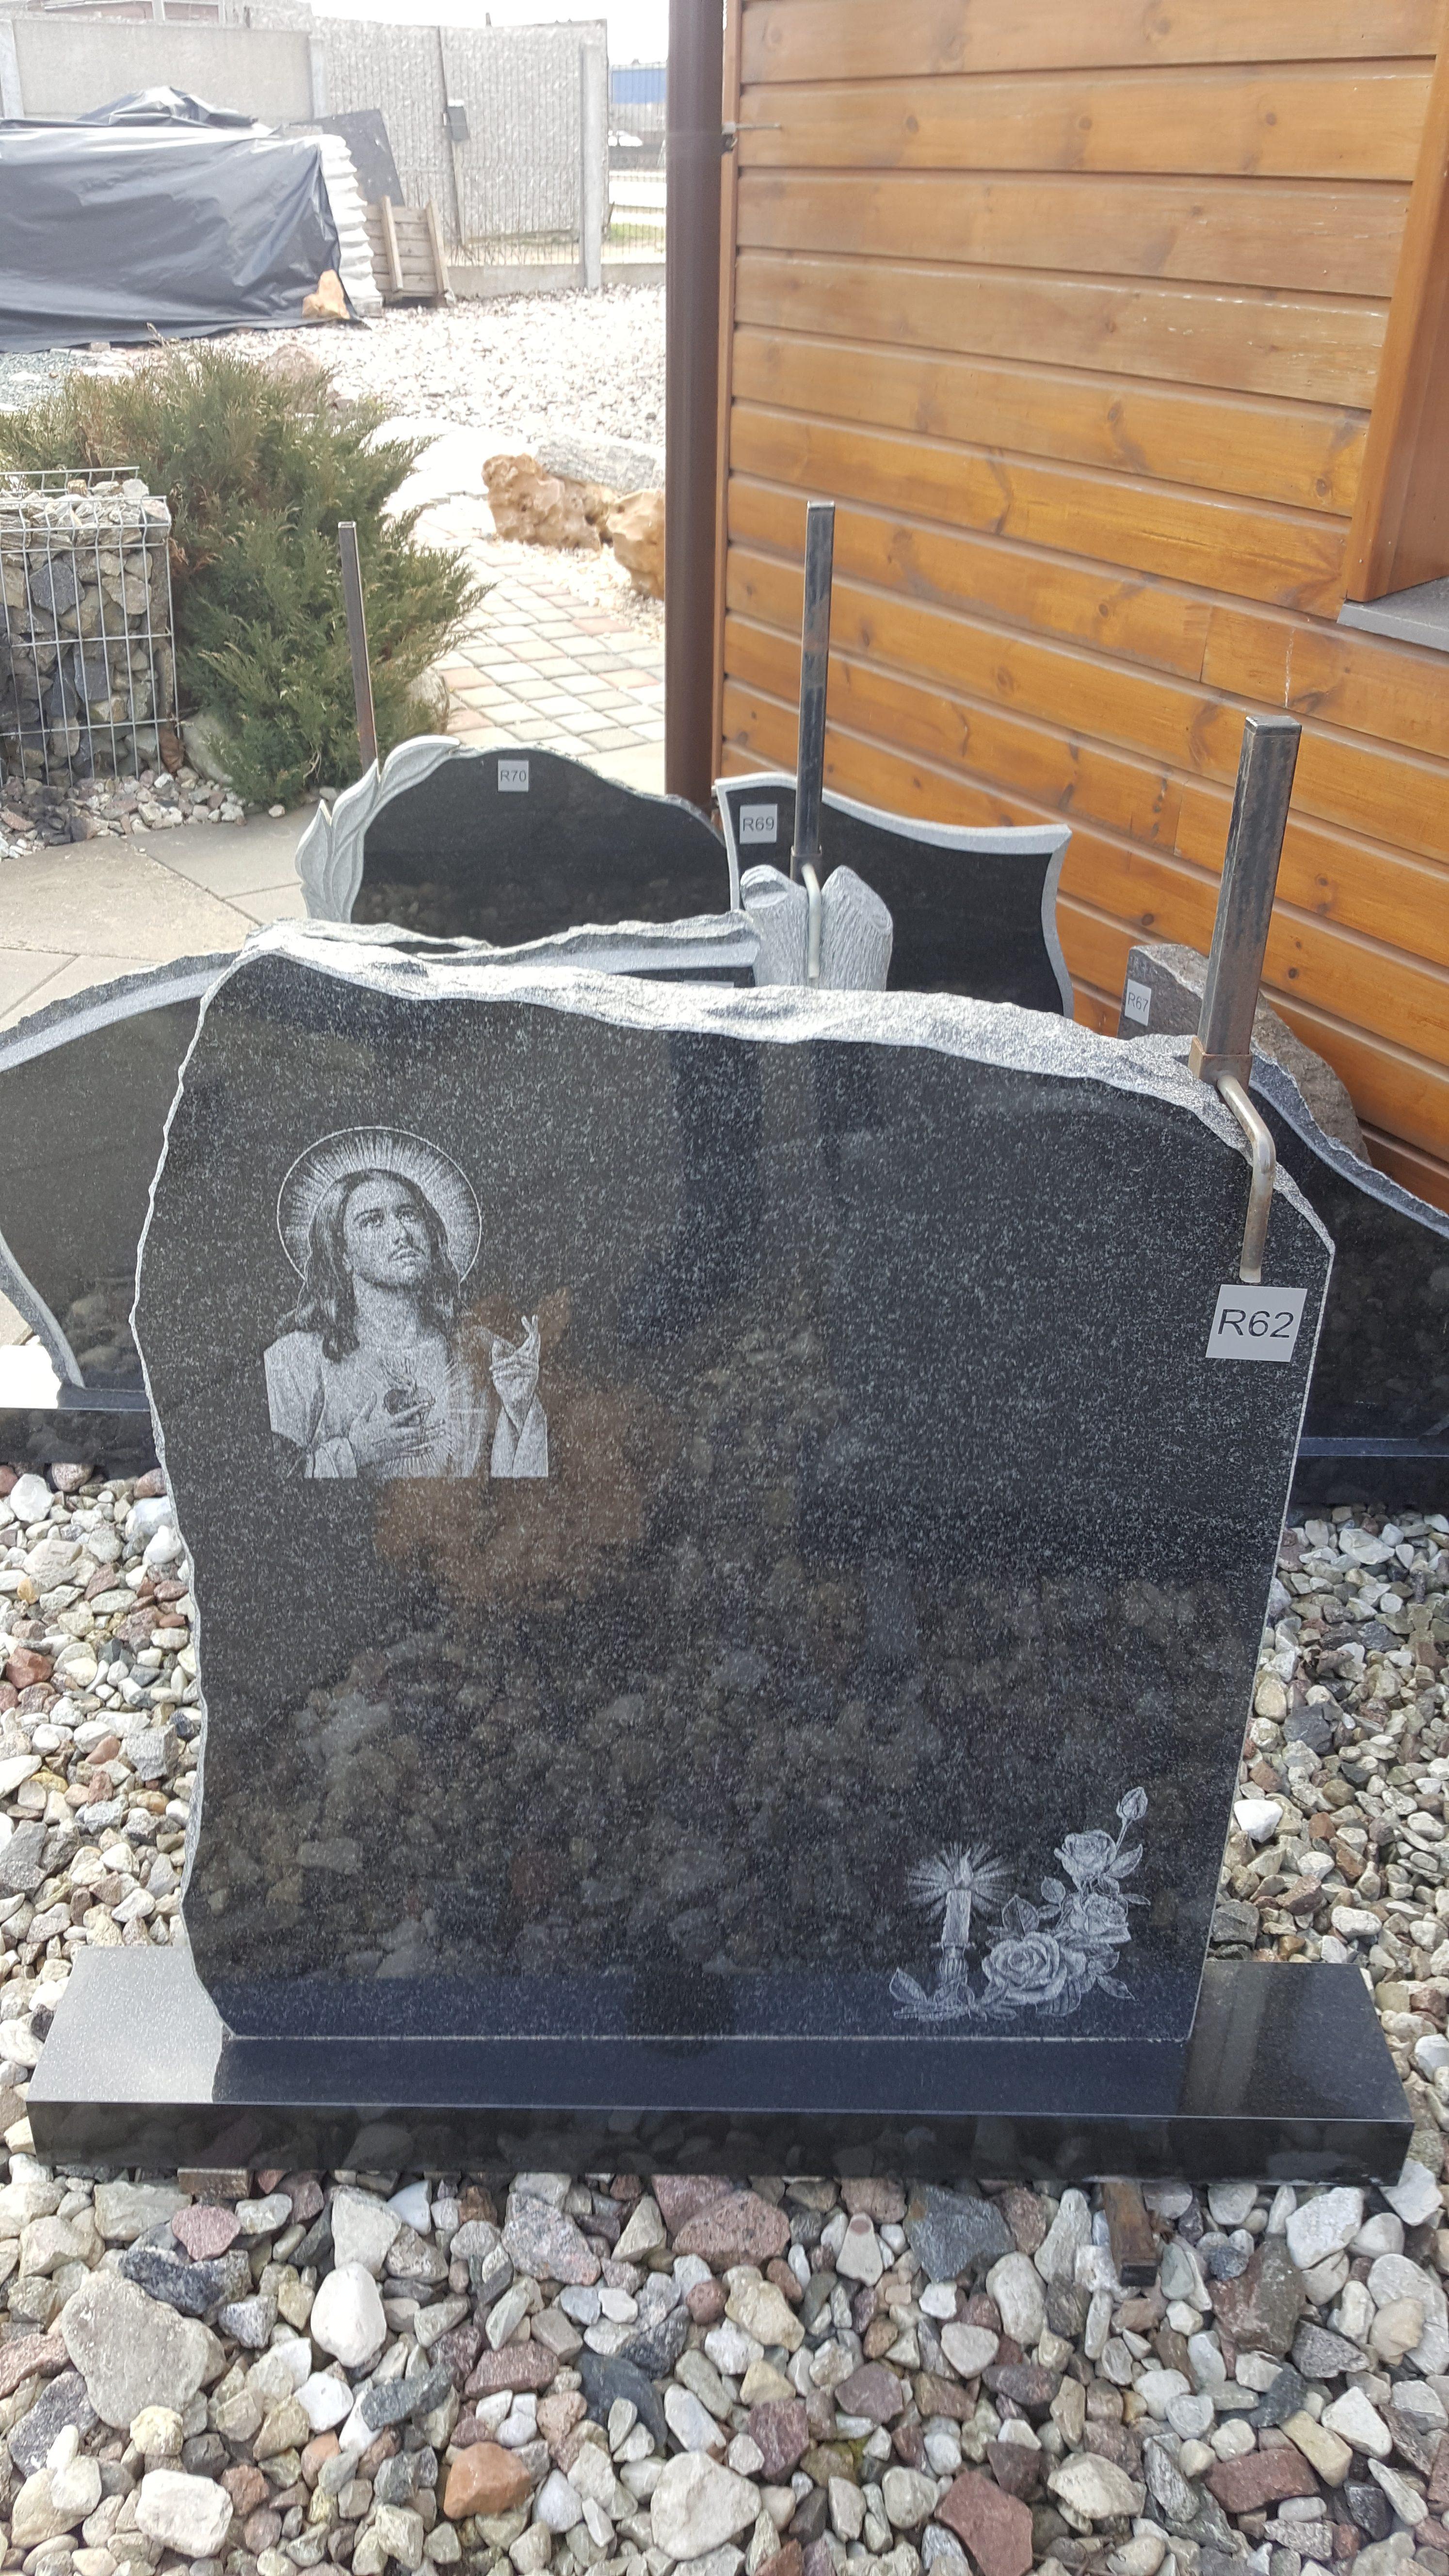 juodo Gabro diabaz granito paminklas vienos dalies su piešiniu